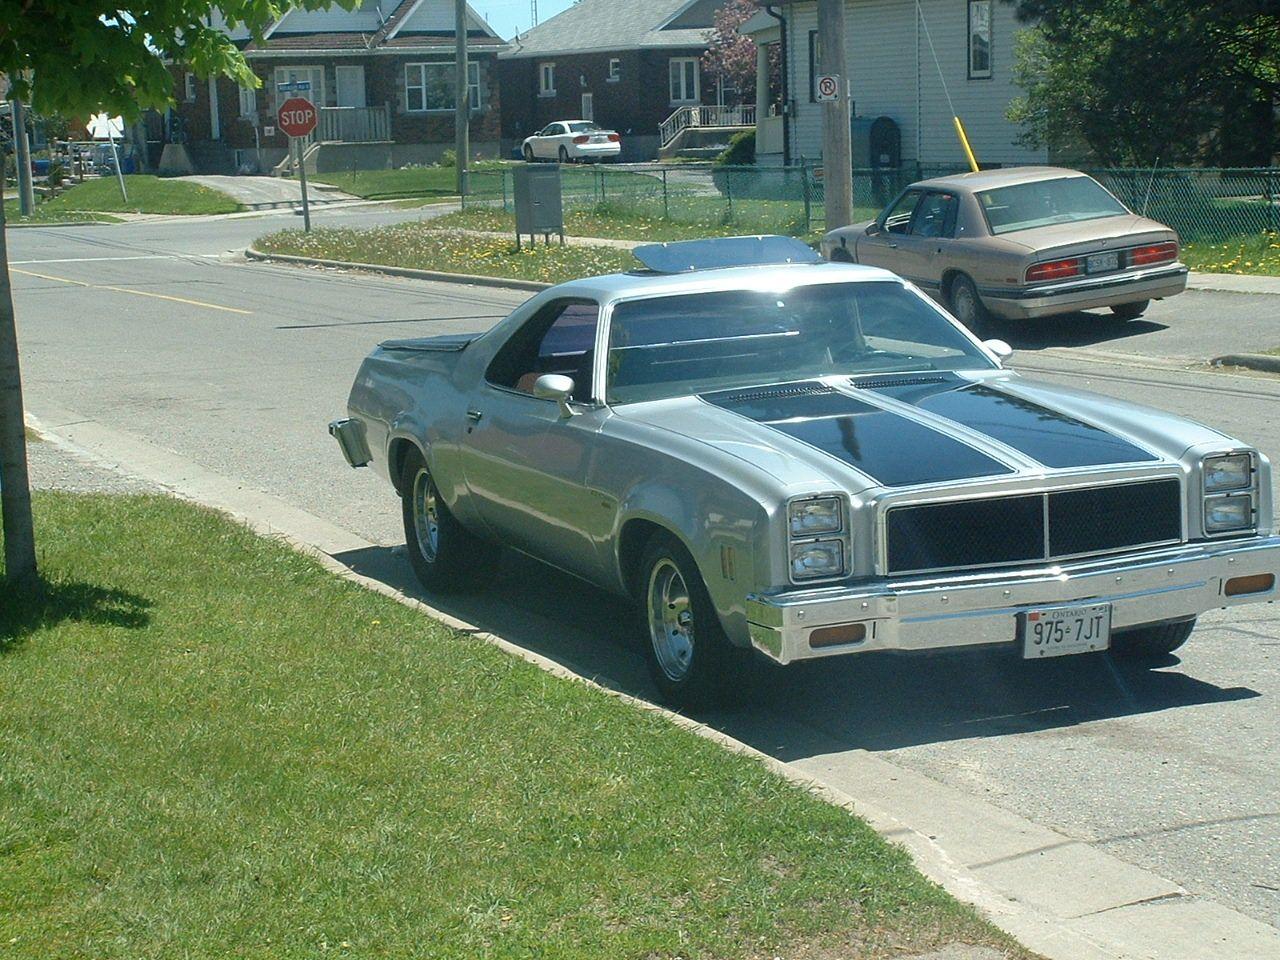 1976 Chevrolet El Camino Chevrolet El Camino Chevrolet El Camino